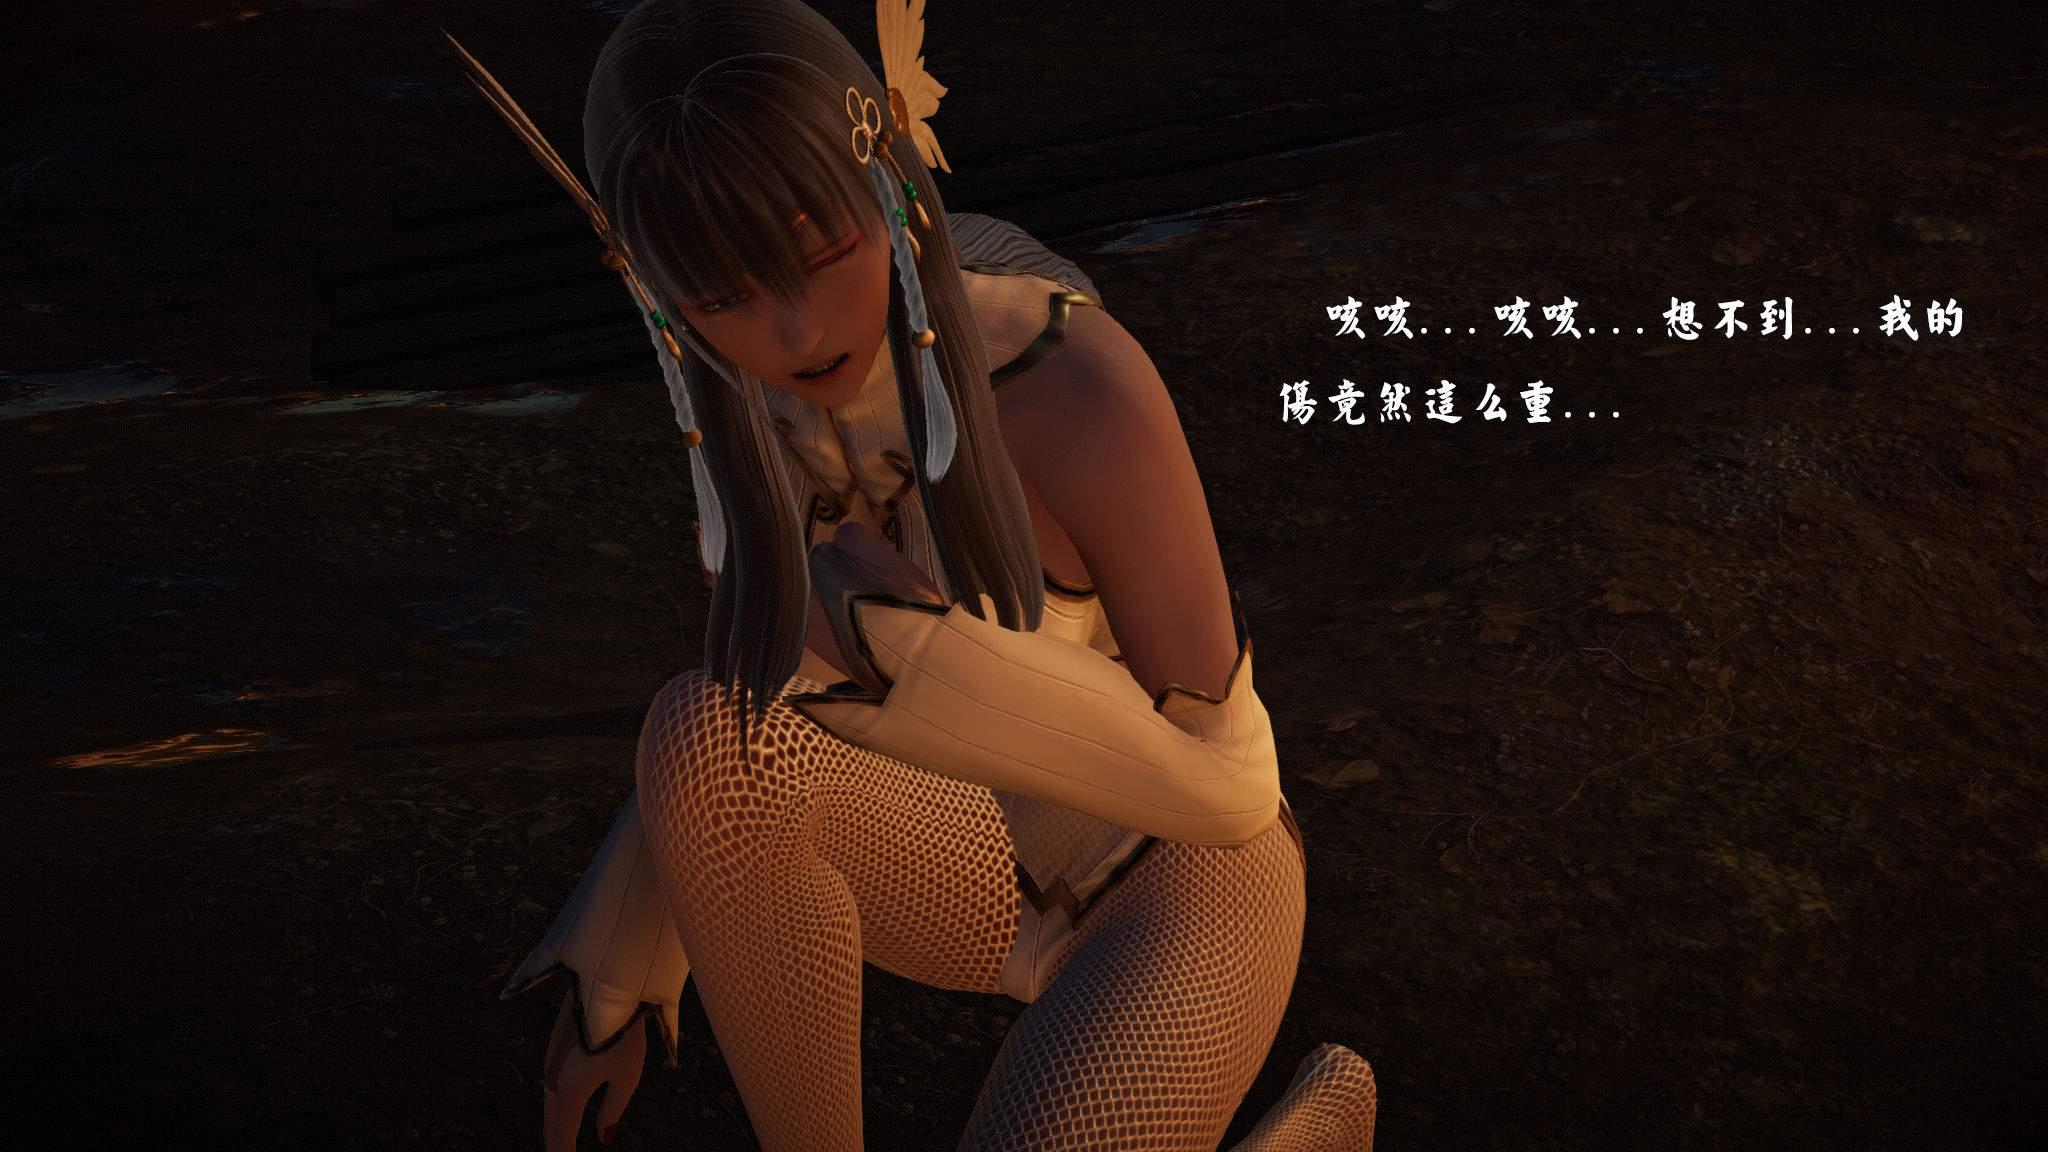 剑仙落难:玉剑传说【0-13】+短篇+番外 中文版